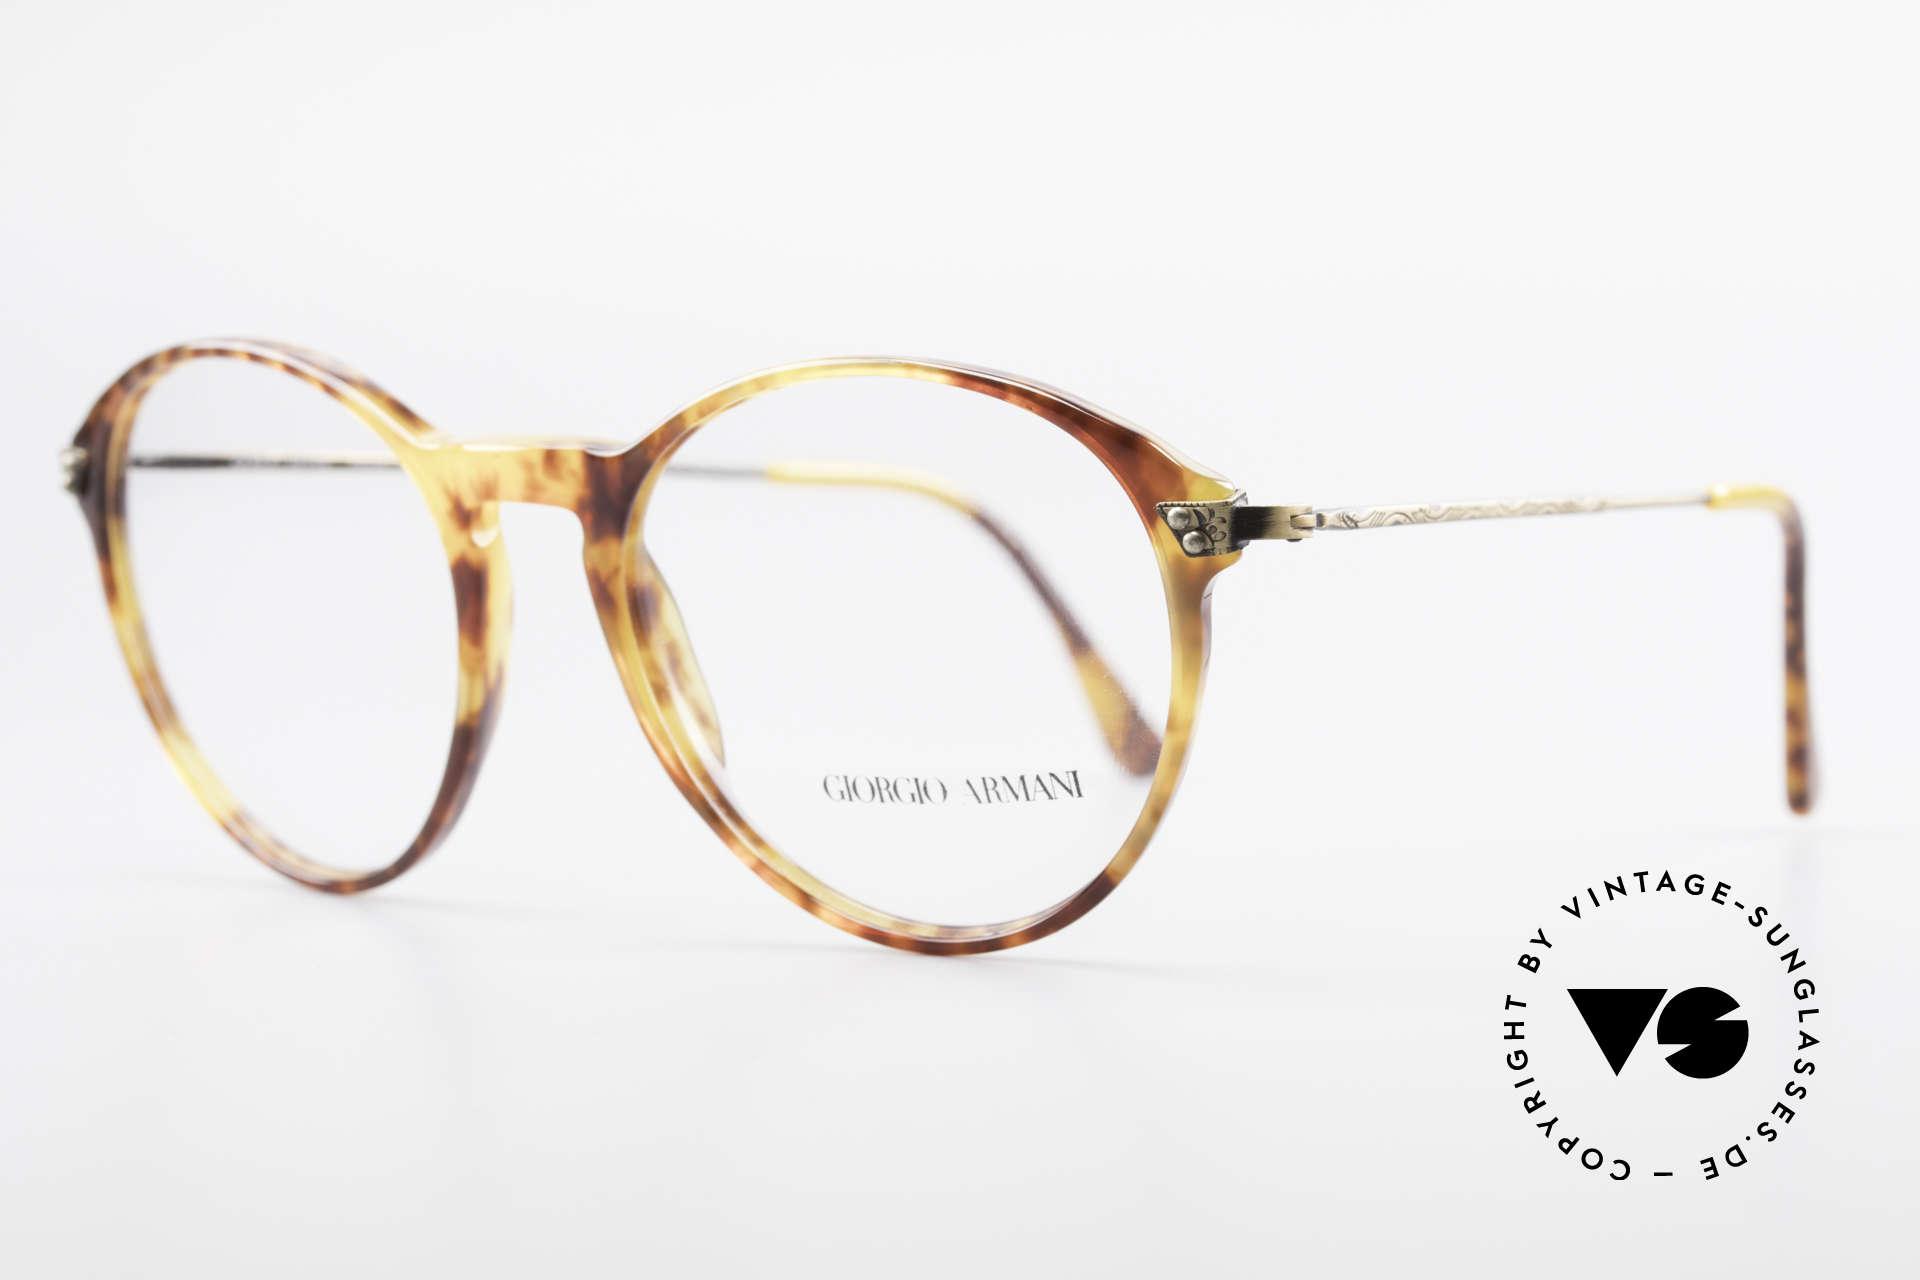 Giorgio Armani 329 90er Panto Fassung Medium, Front in Schildpatt-Optik mit edlen Messing Bügeln, Passend für Herren